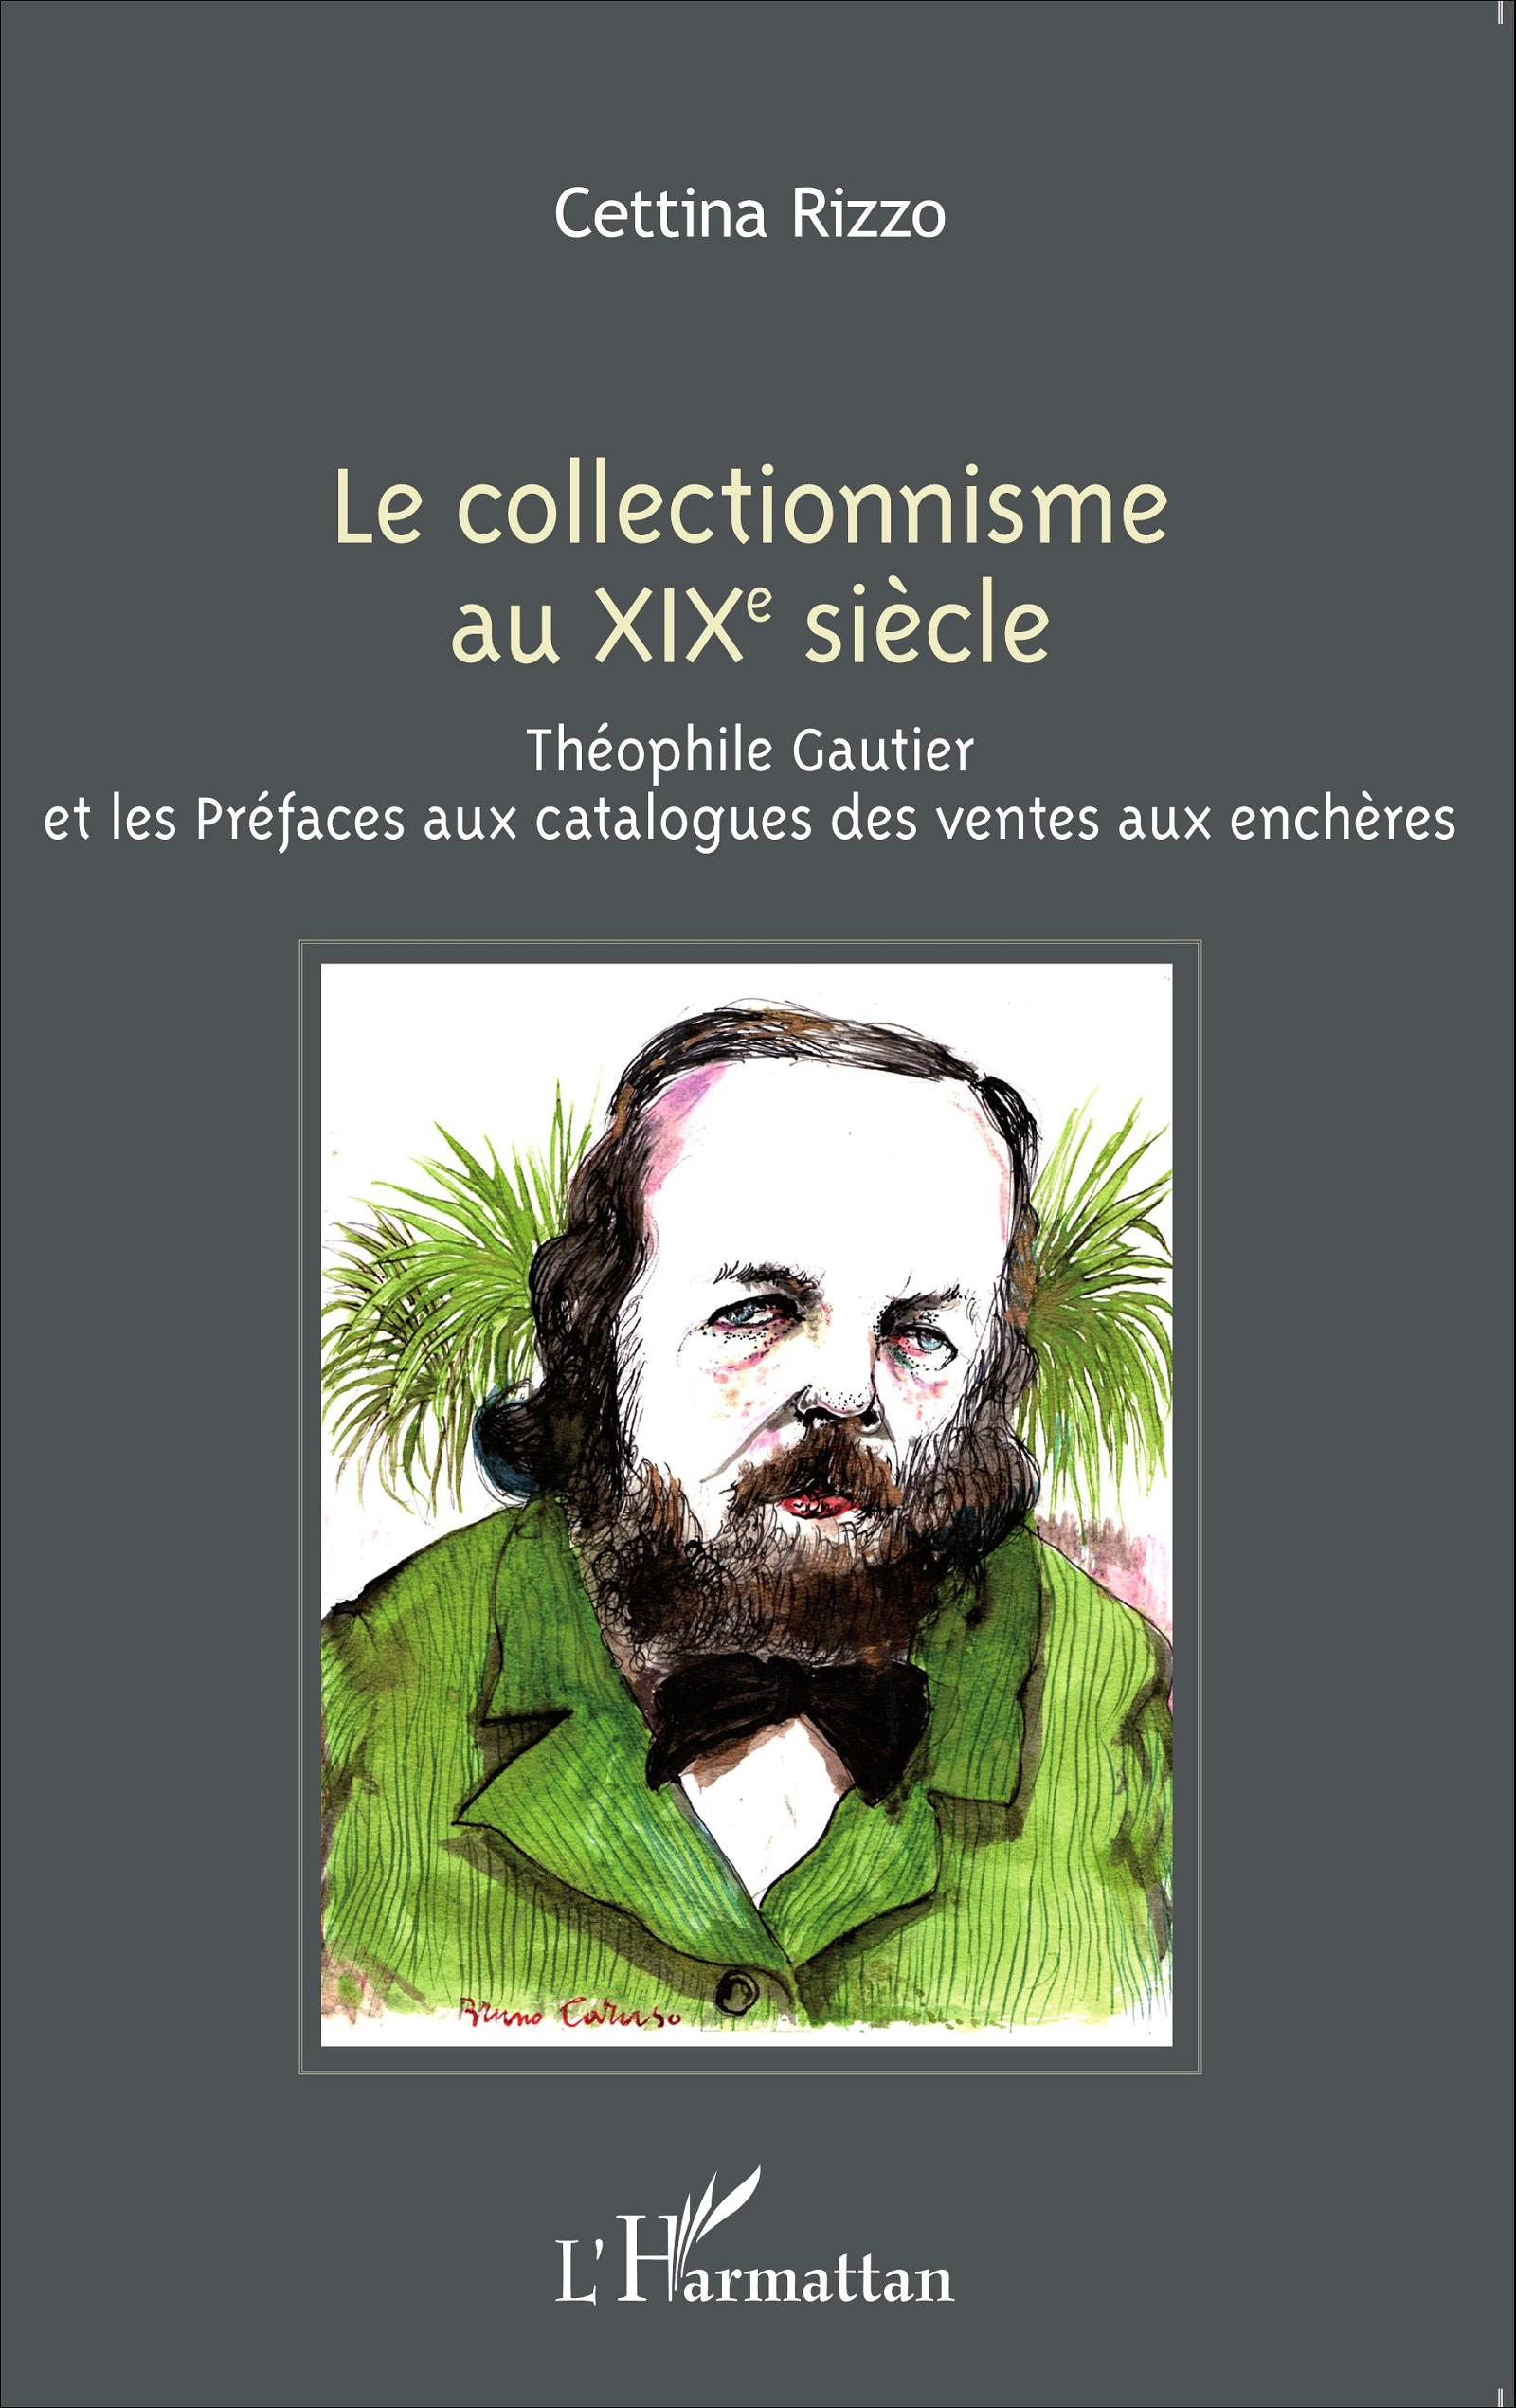 C. Rizzo, Le Collectionnisme au XIXe siècle : Théophile Gautier et les Préfaces aux catalogues des ventes aux enchères